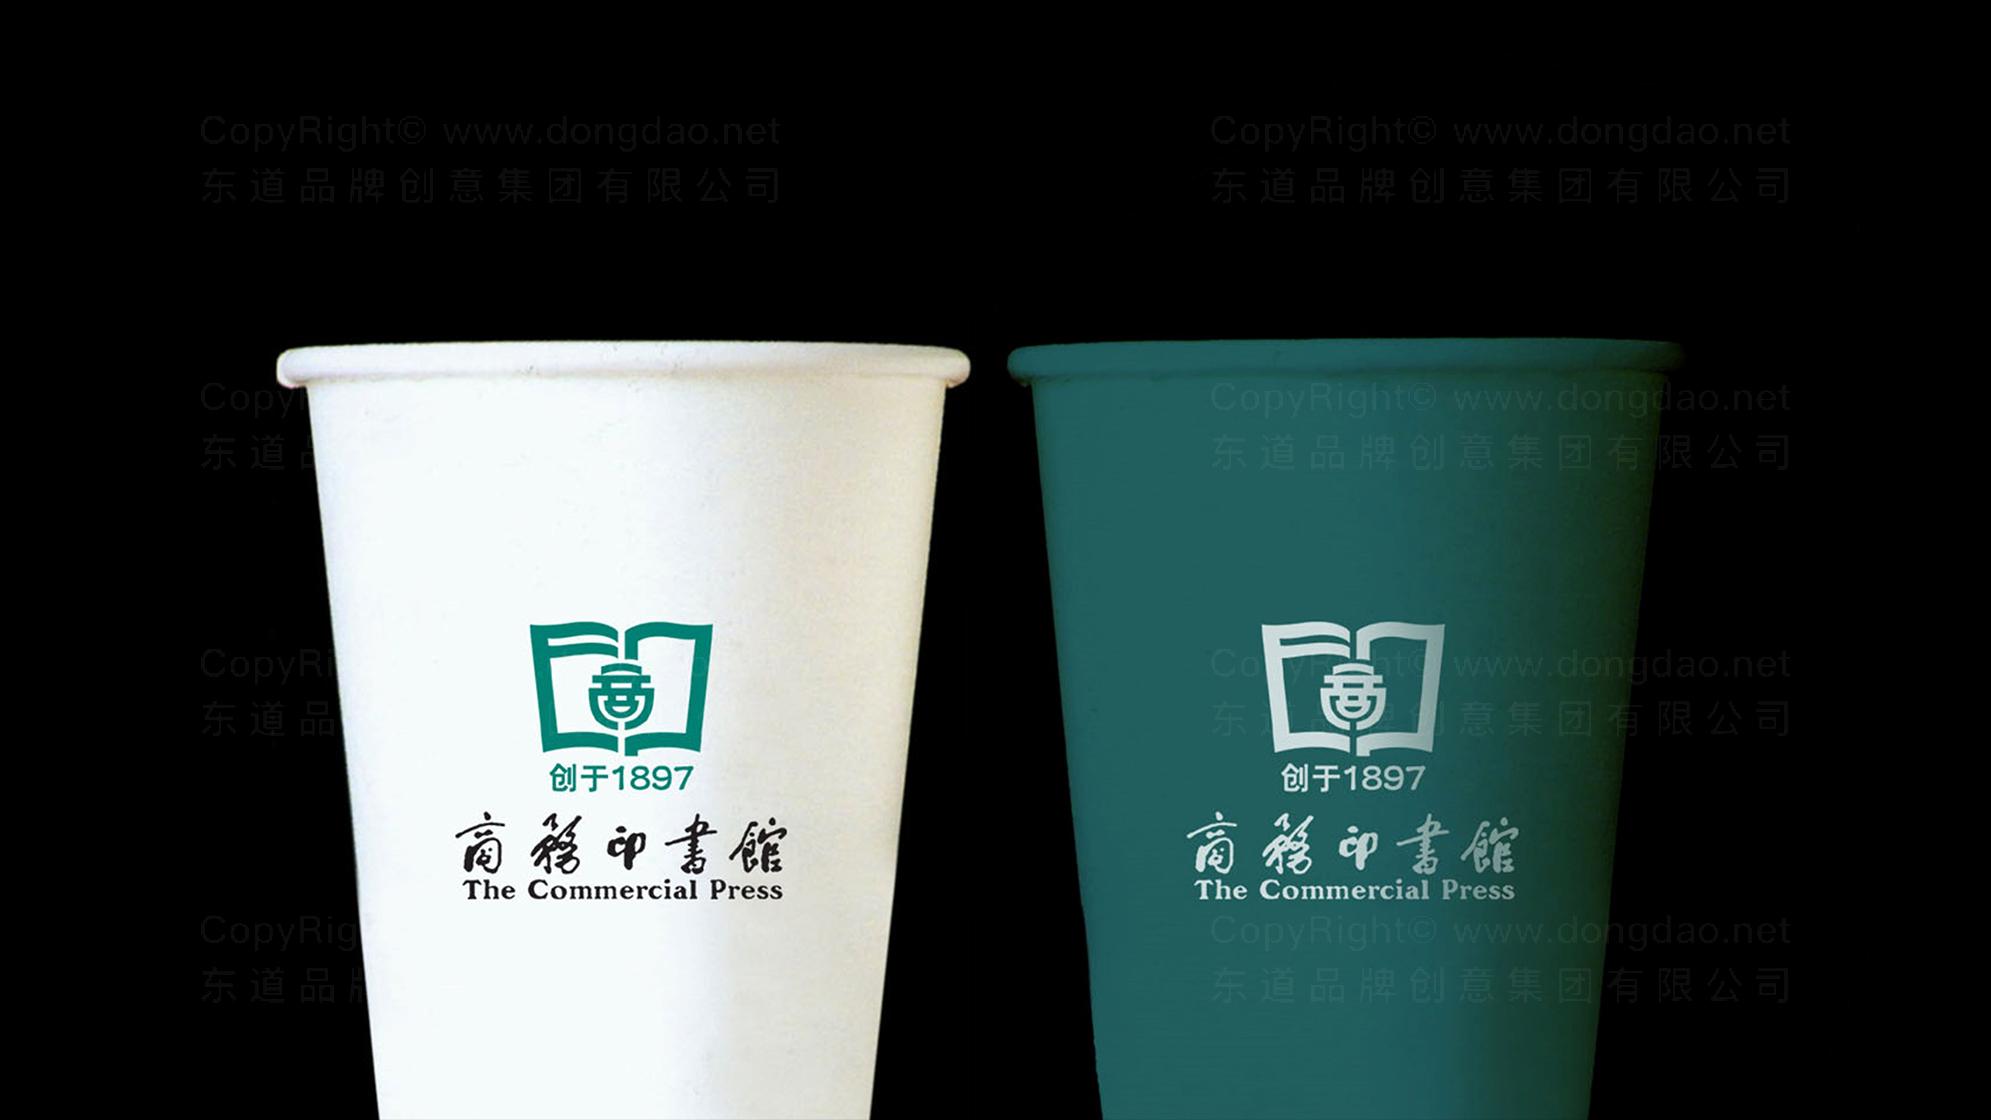 品牌设计商务印书馆LOGO优化&VI设计应用场景_3